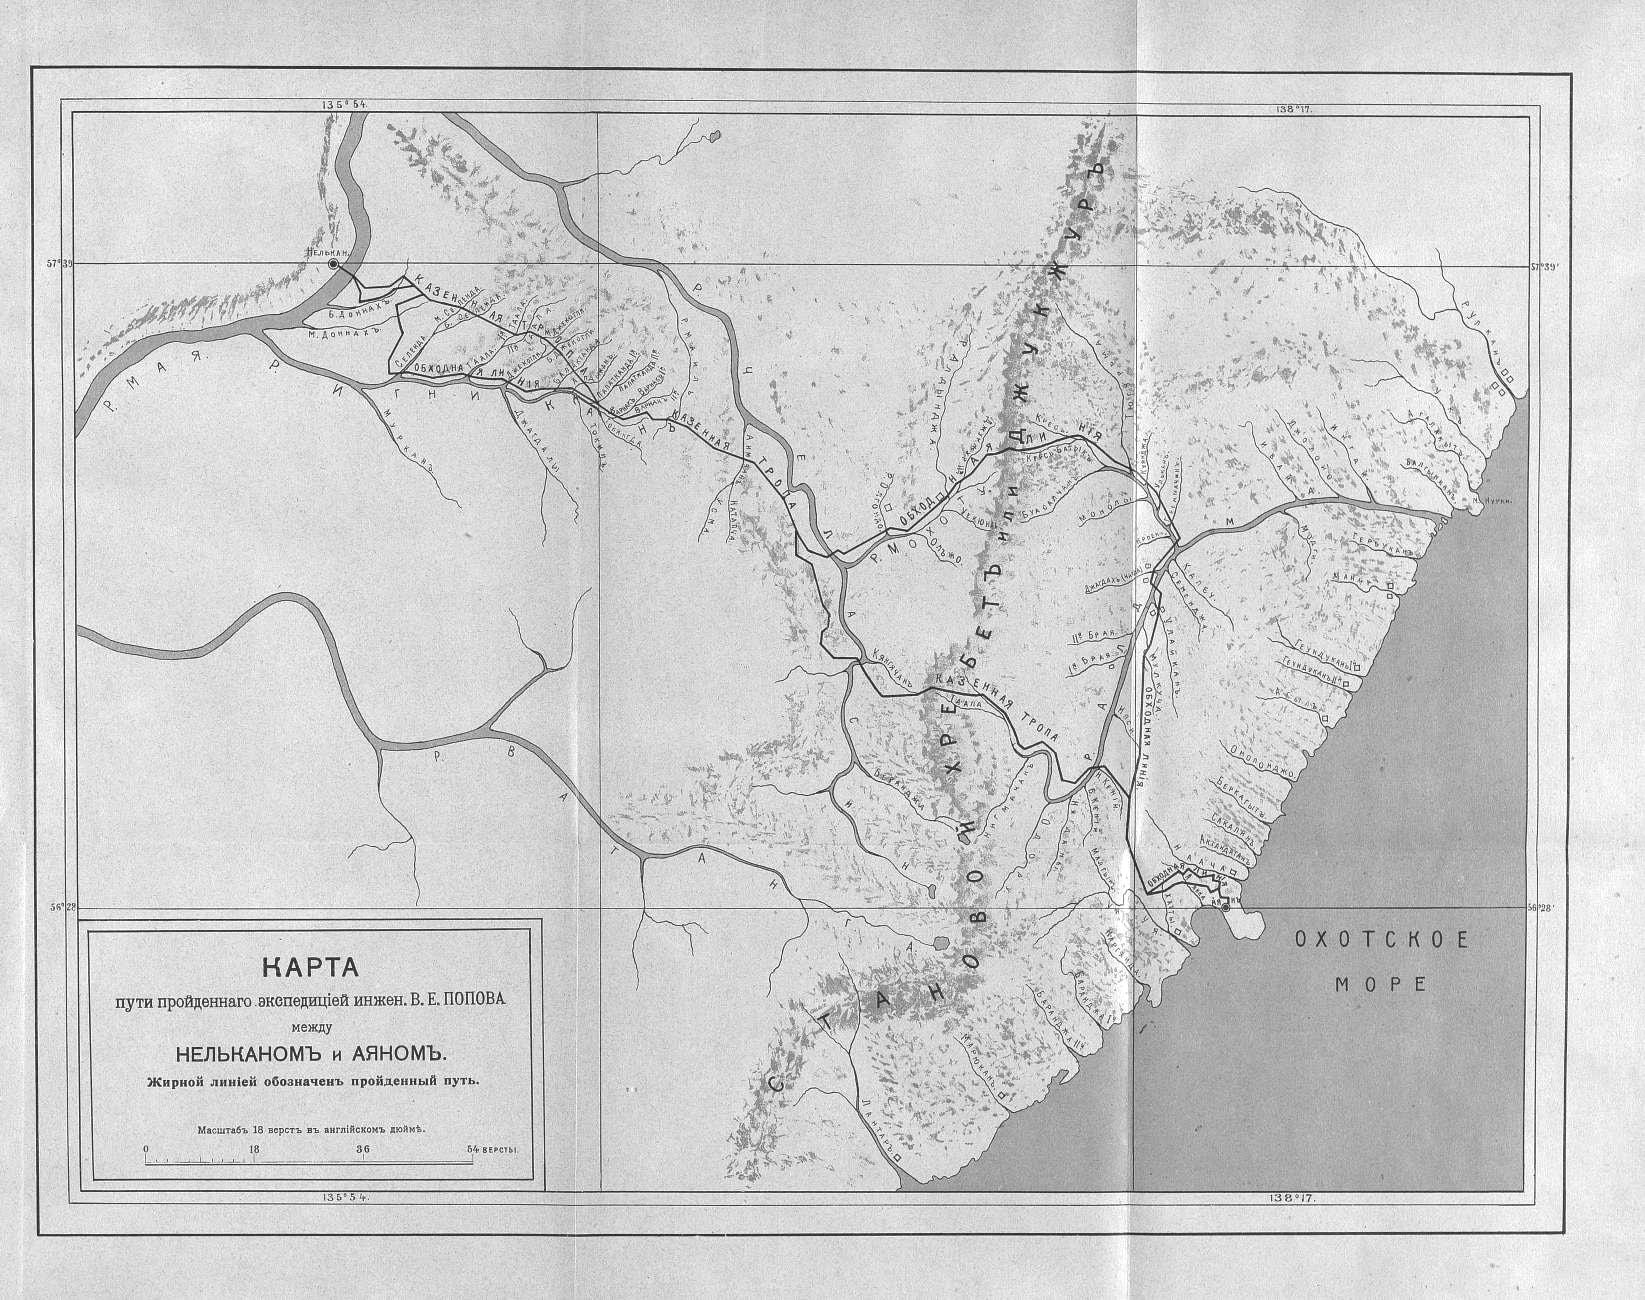 Карта экспедиции В.Е. Попова Нелькан-Аян 1903 год